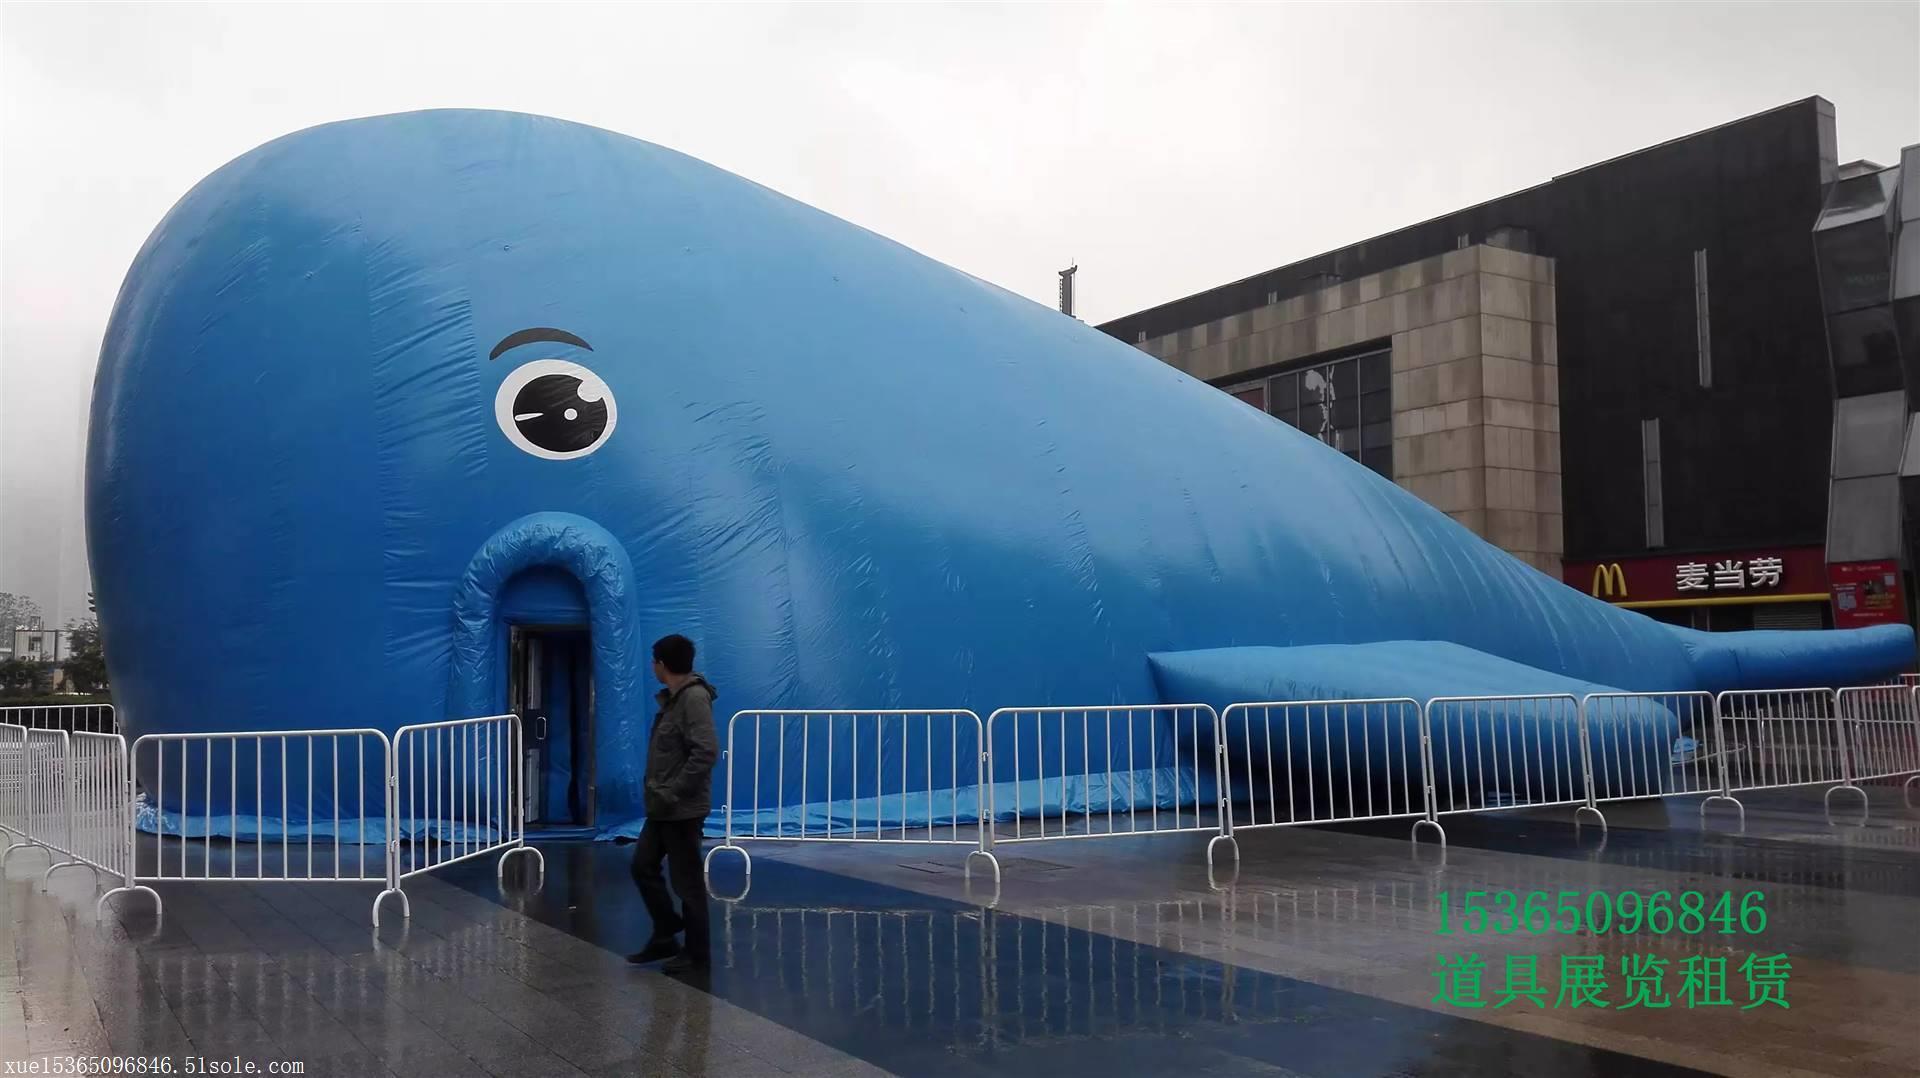 浙江湖州大型鲸鱼岛乐园出租出售